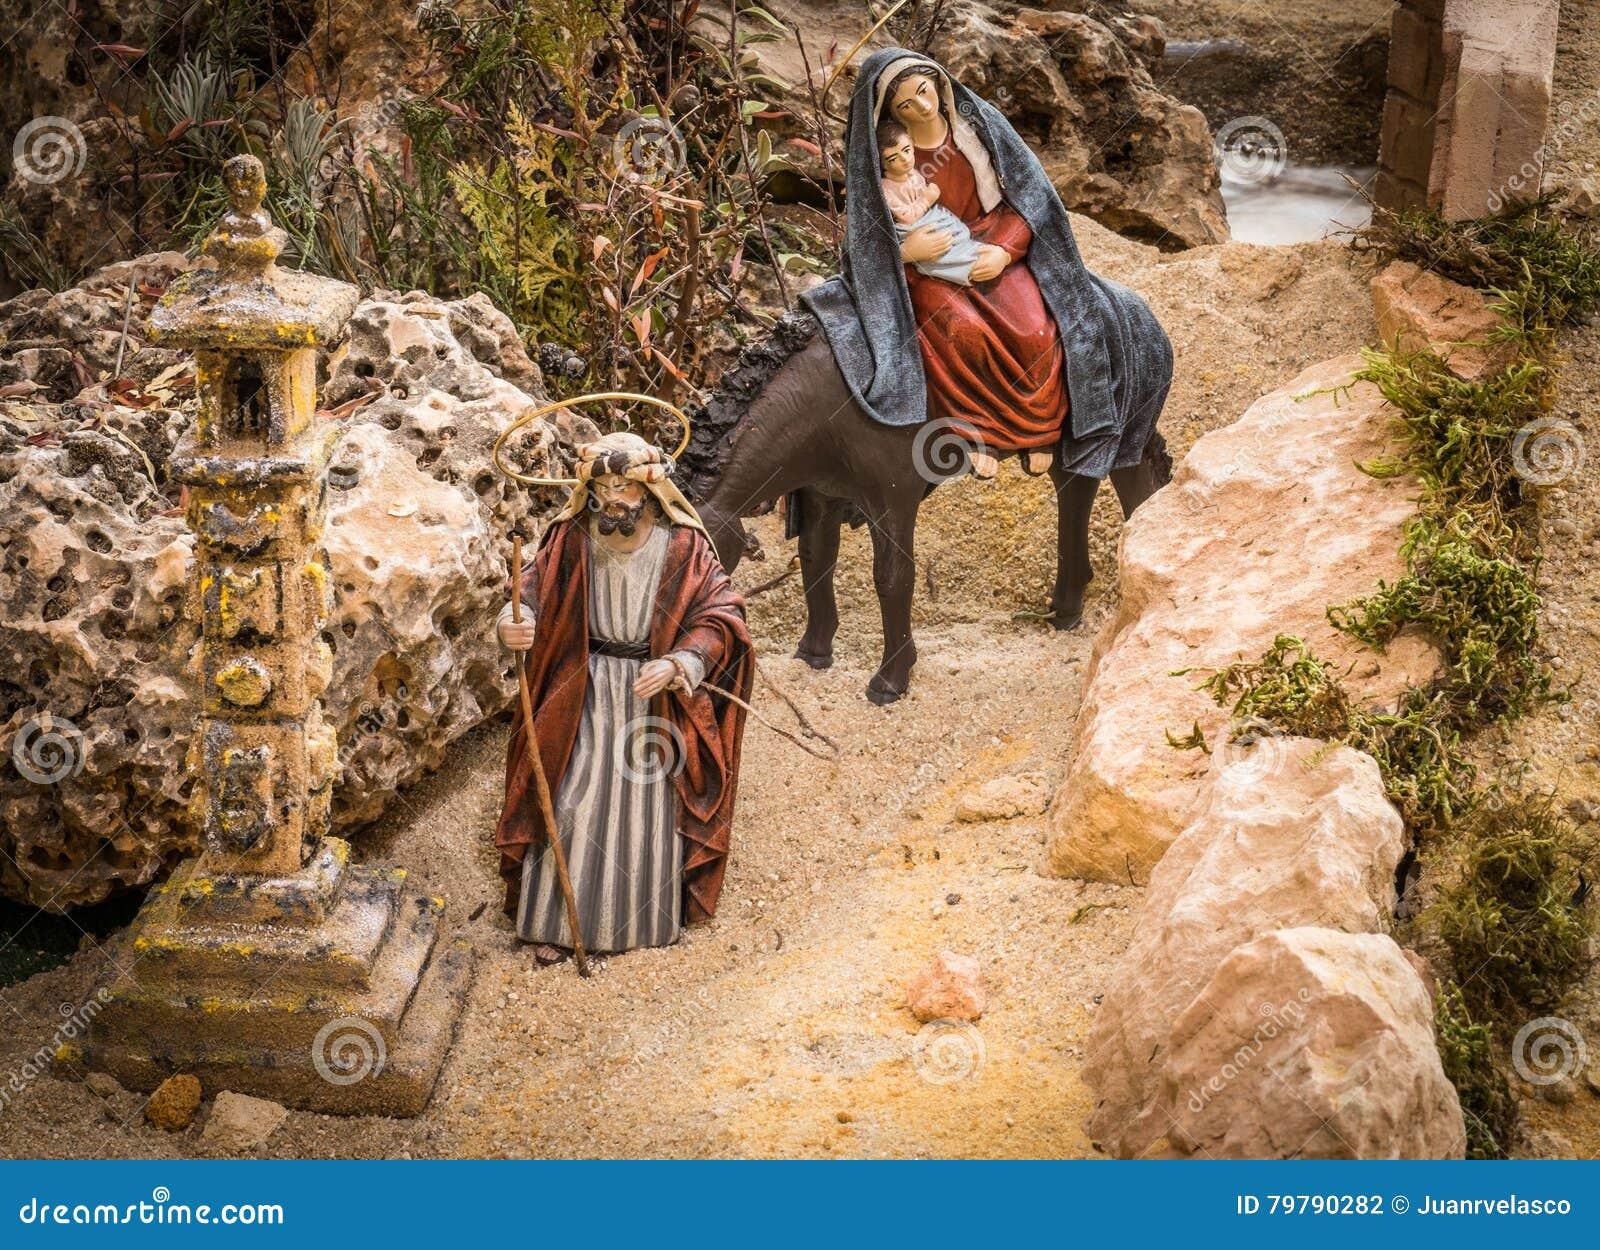 Joseph und Mary